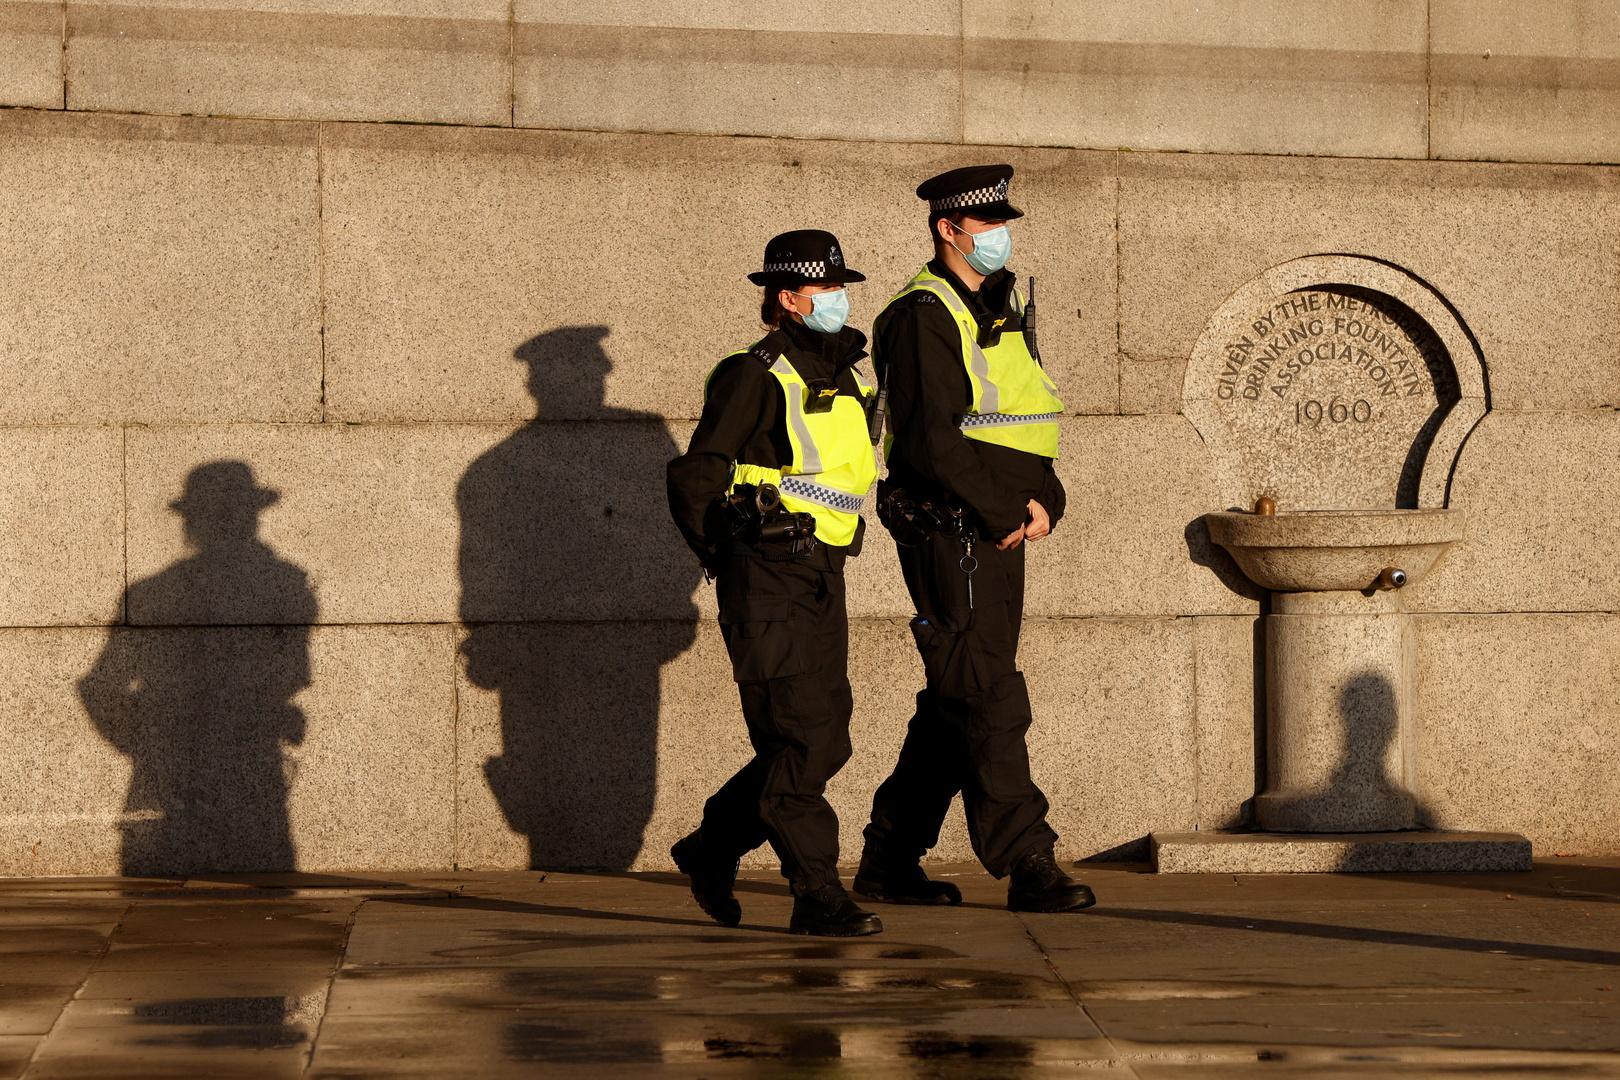 بريطانيا.. اعتقال ممرضة متهمة بقتل 8 أطفال رضع!